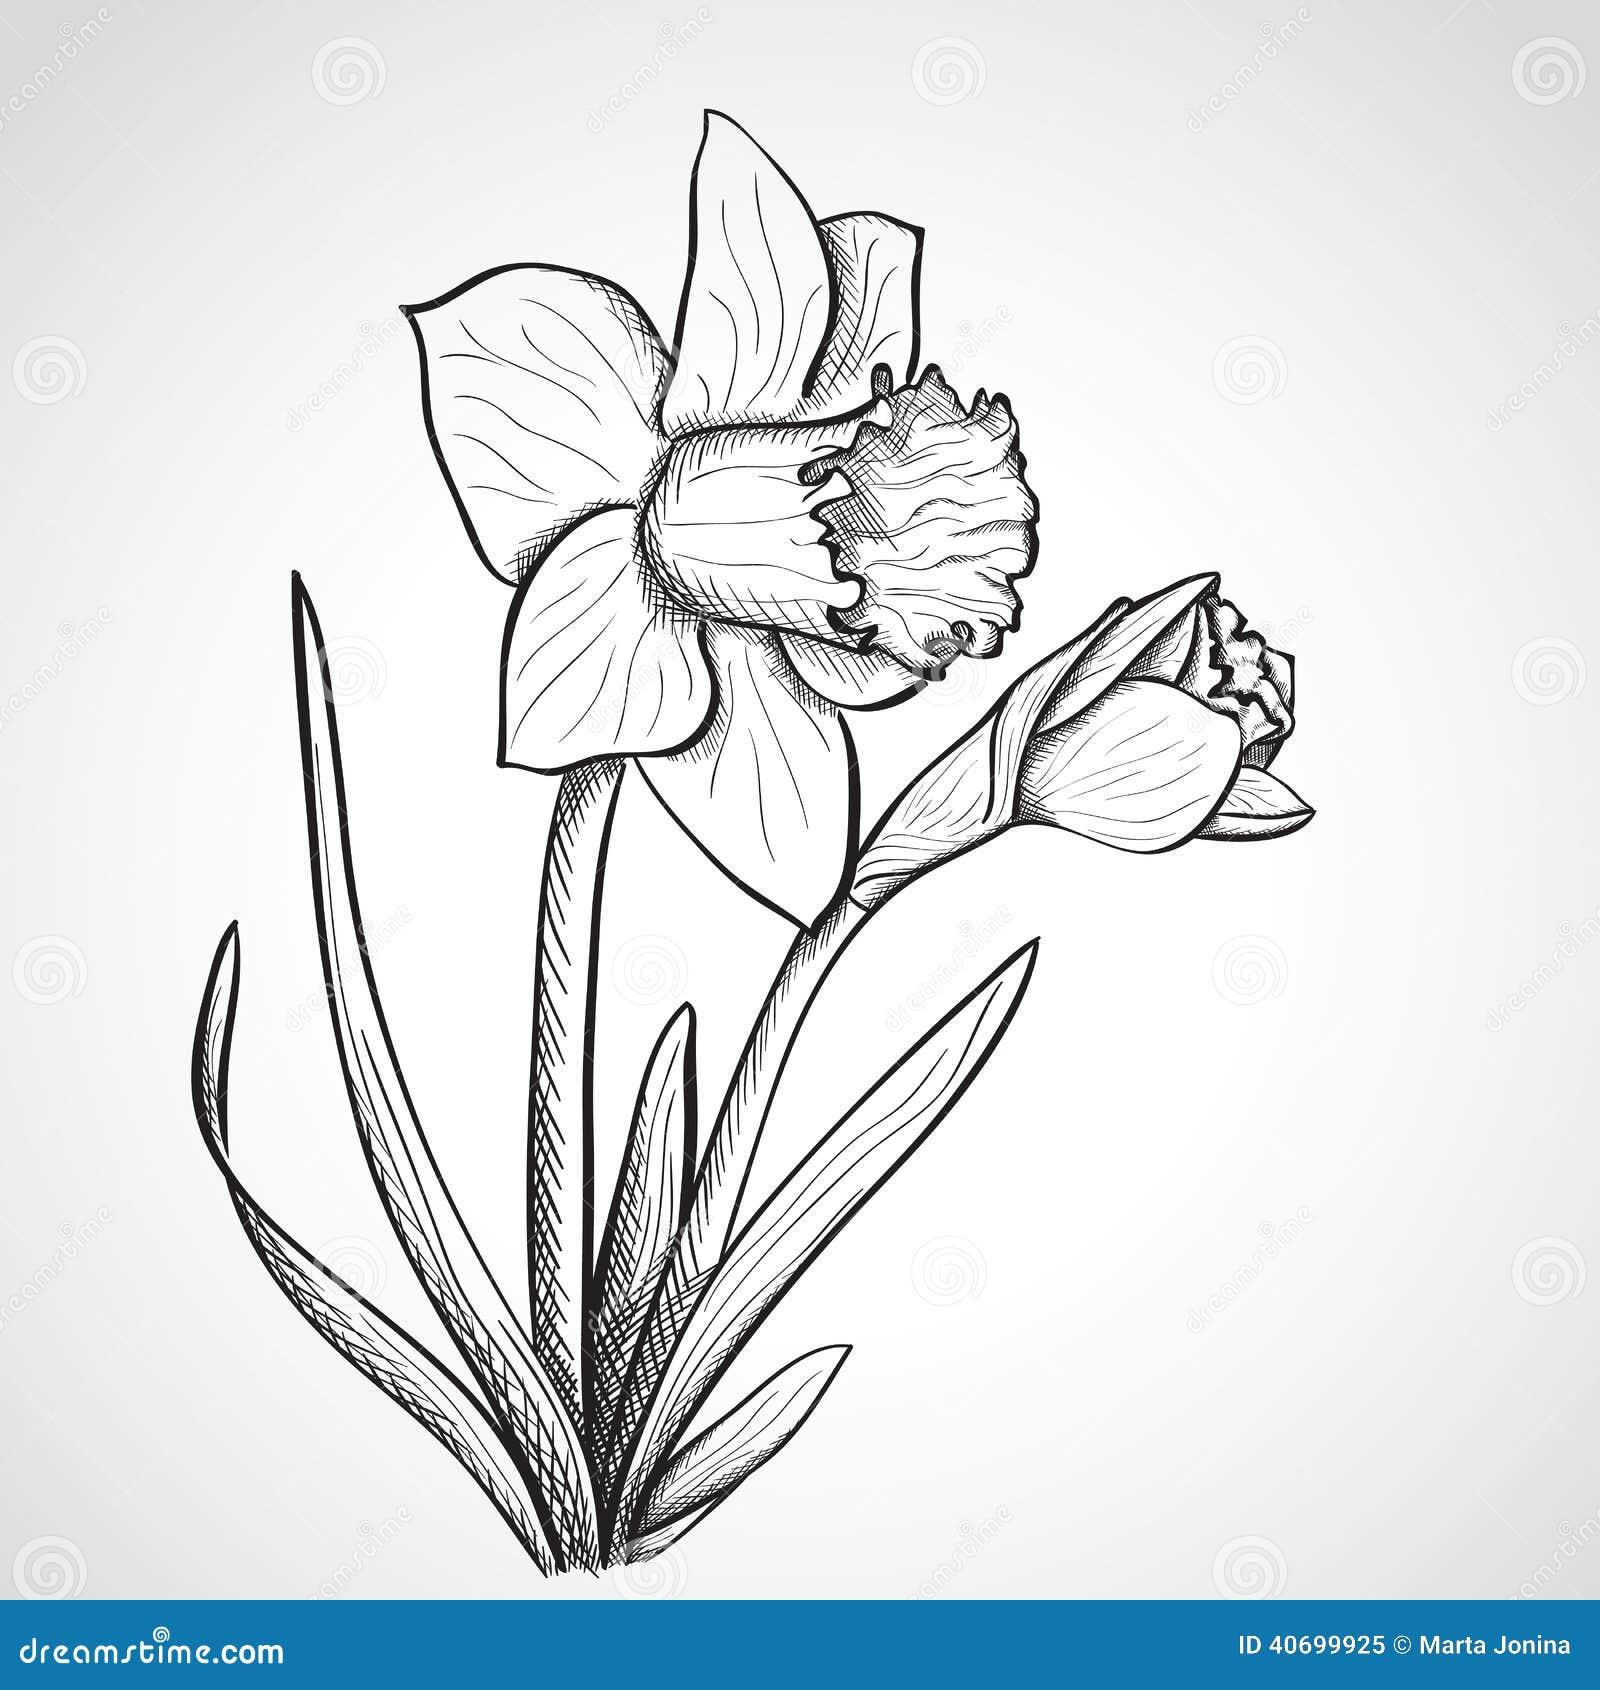 C Drawing Smooth Lines : Fleur de jonquille croquis tirée par la main